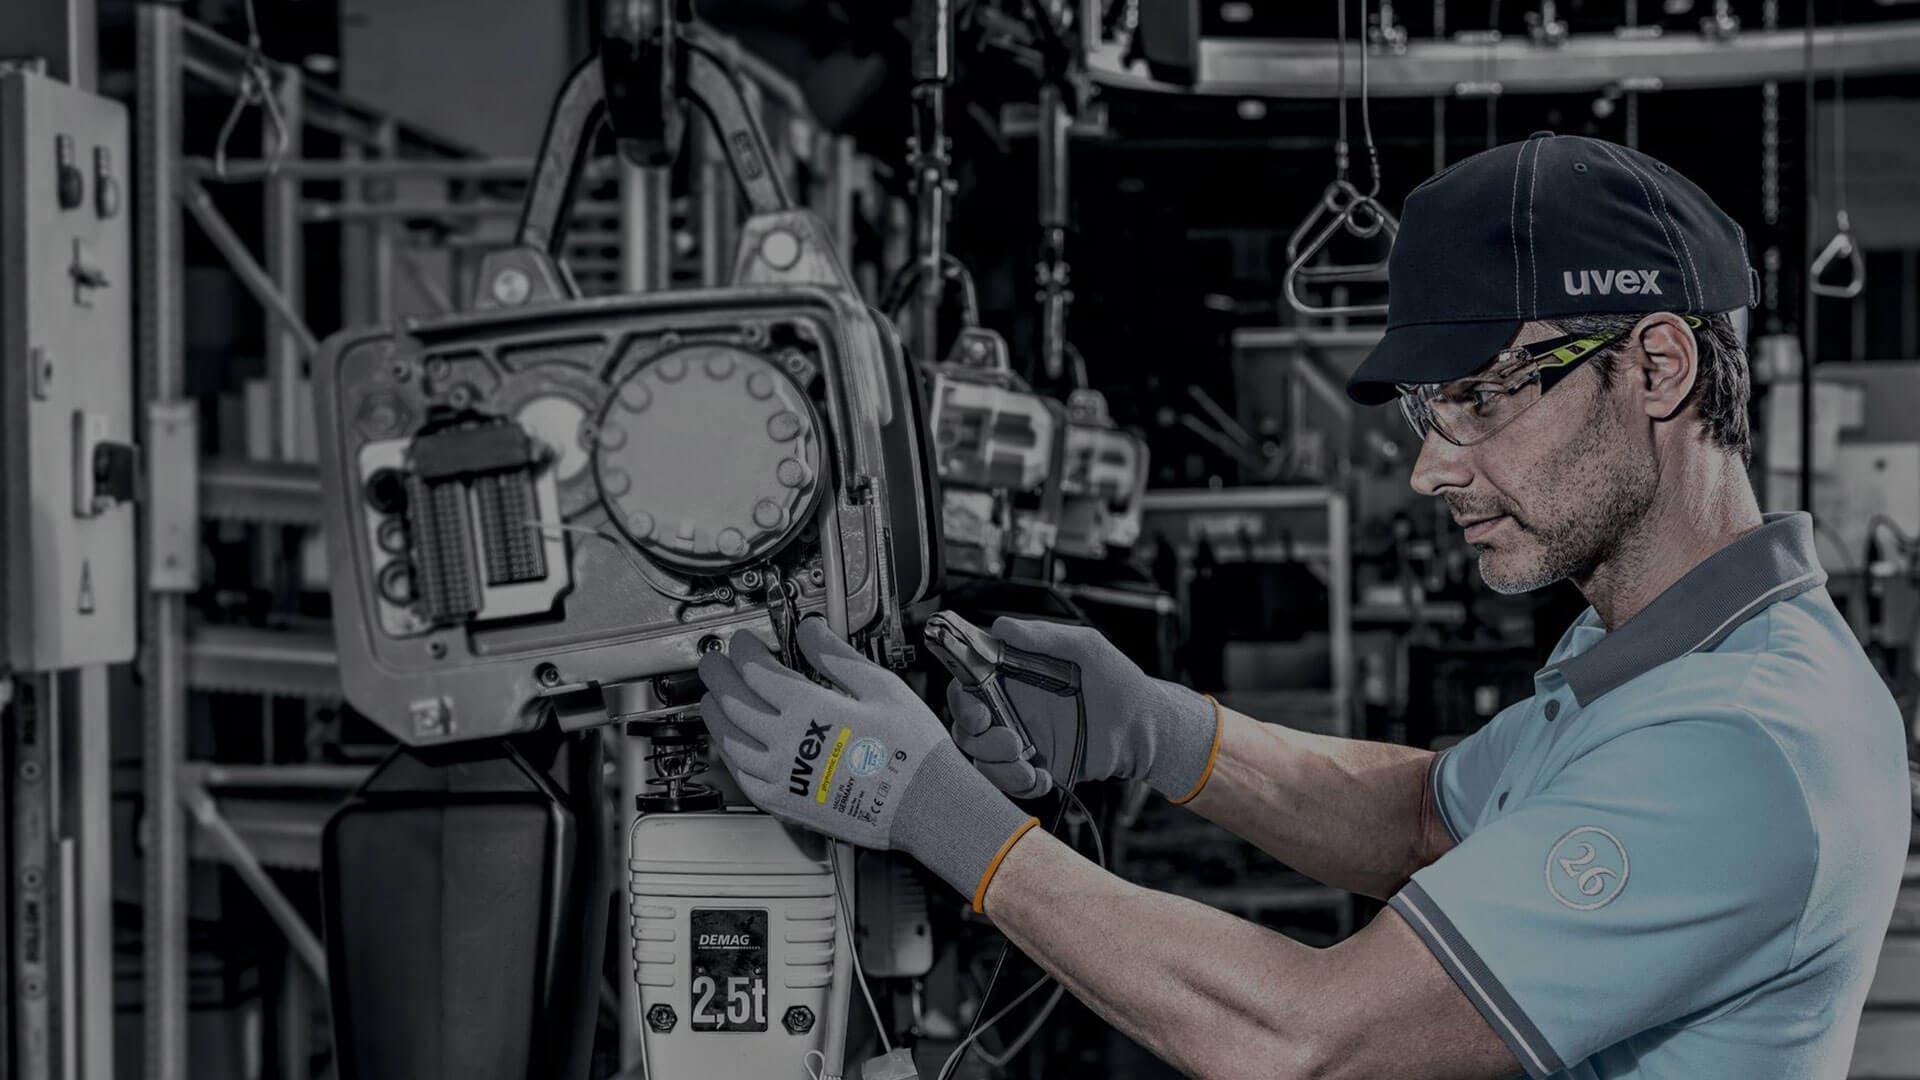 Arbeitsschutz-Produkte für Montage und Mechanik von Autos